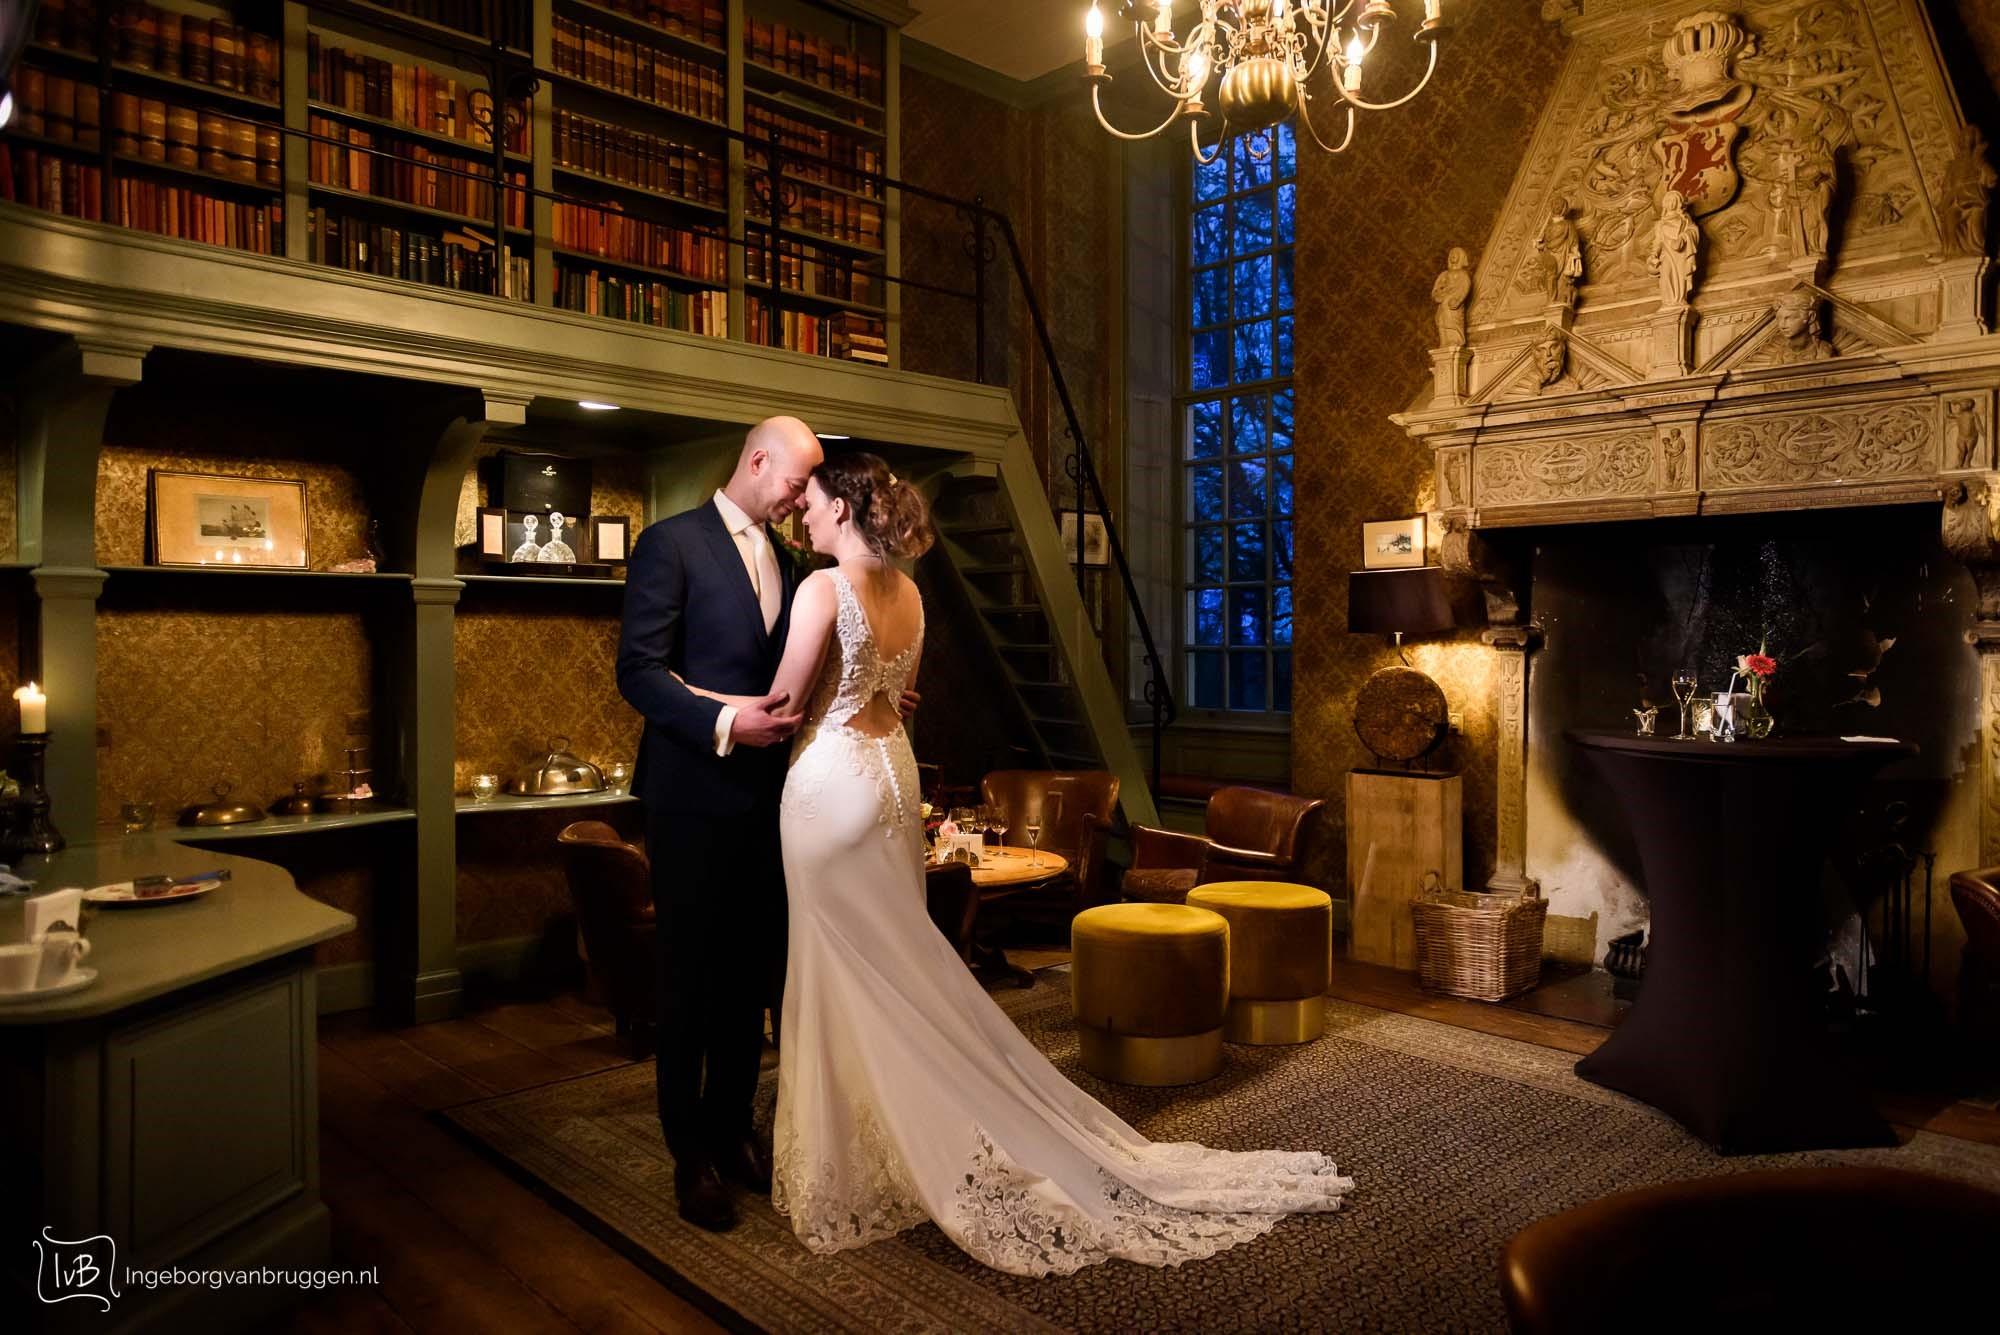 Hoe kies je een thema voor je bruiloft?